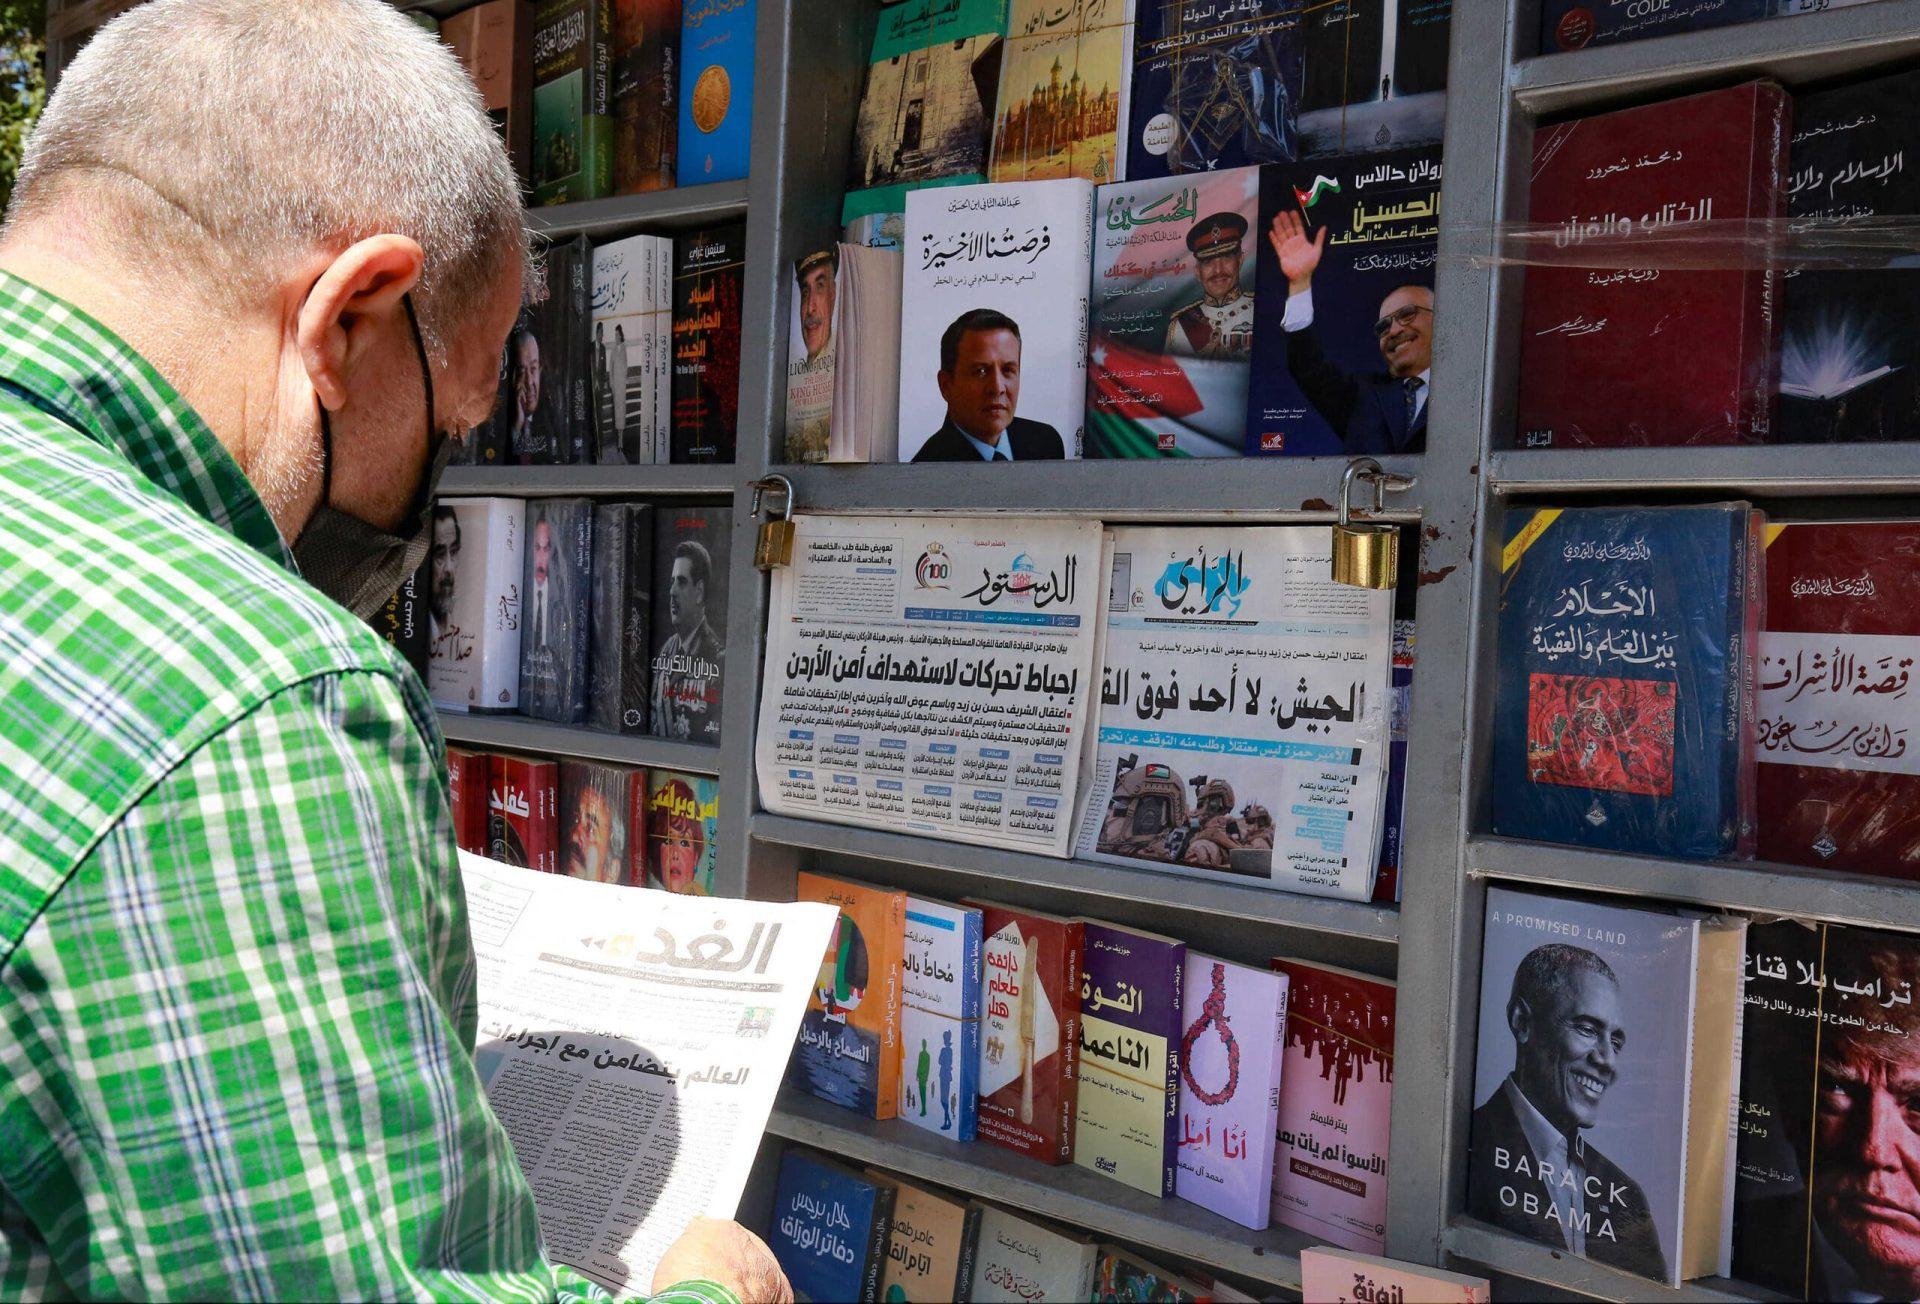 تسريب محادثات بين الأمير حمزة و باسم عوض الله